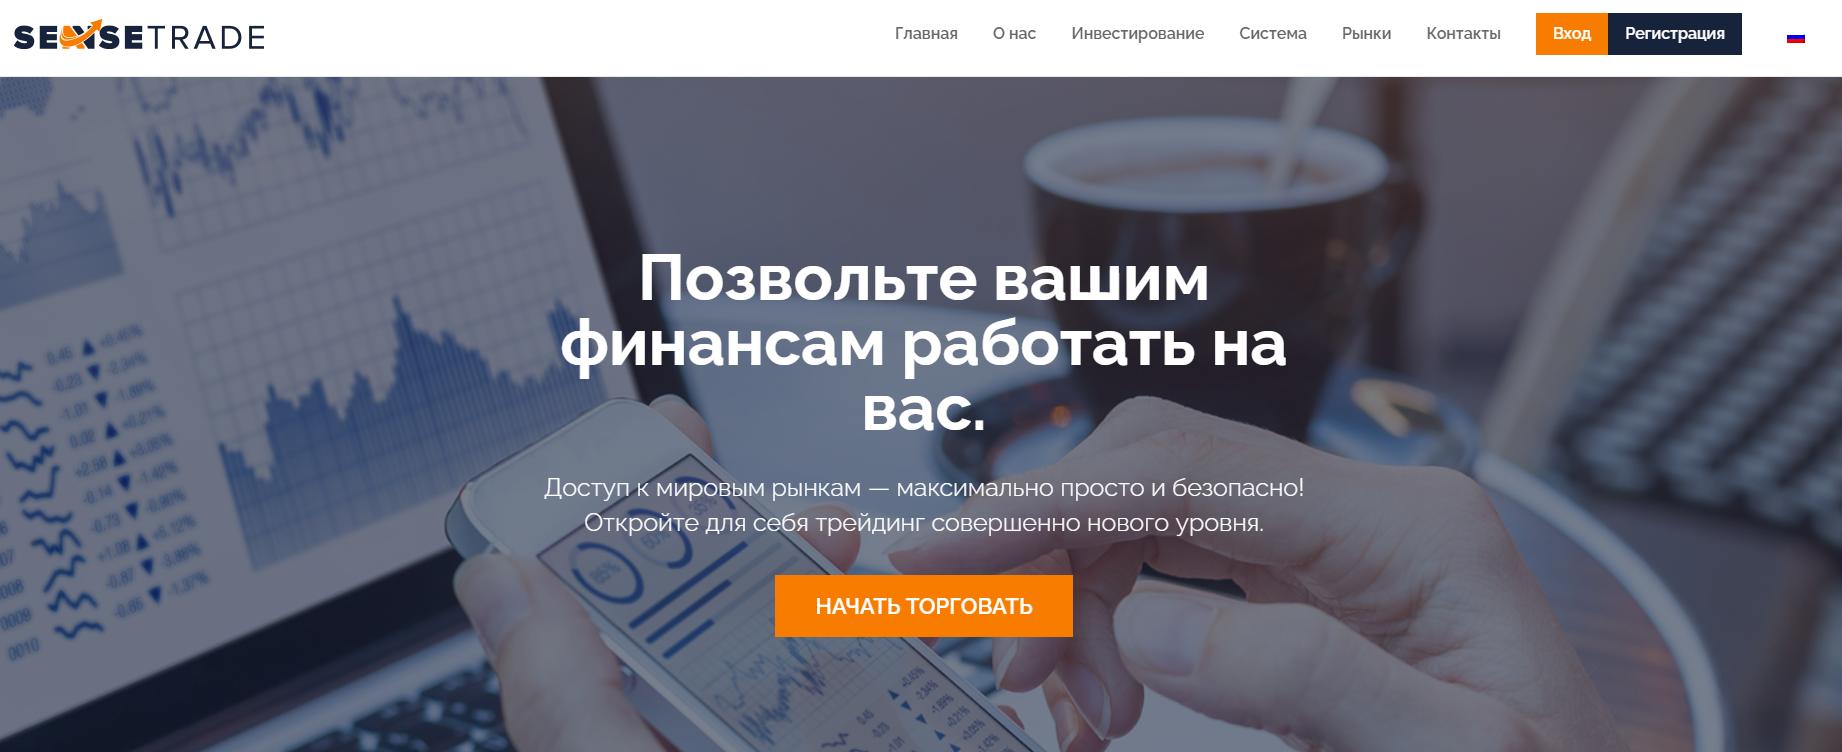 SenseTrade – брокер, работающий в интересах клиентов. Обзор лохотрона и отзывы